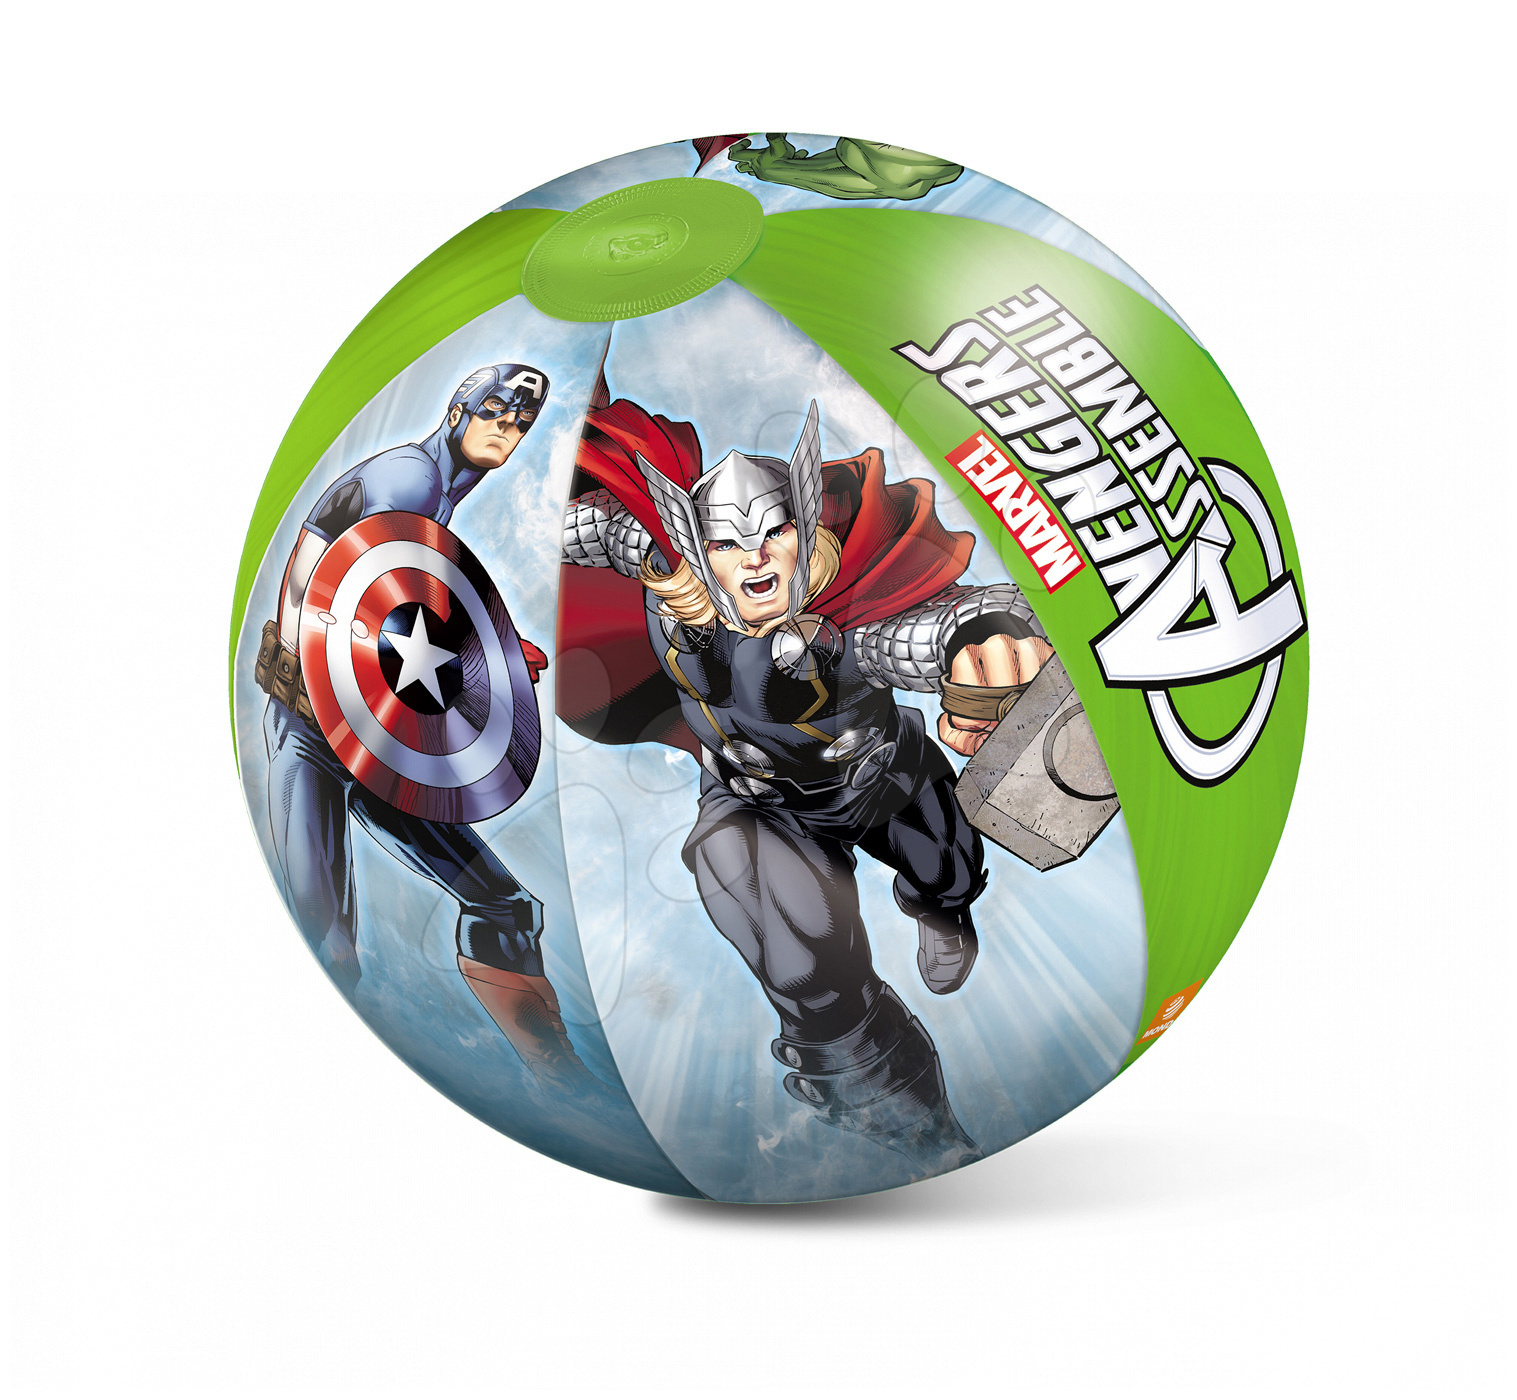 Lopte na napuhavanje - Lopta na napuhavanje Avengers Mondo 50 cm od 10 mjes